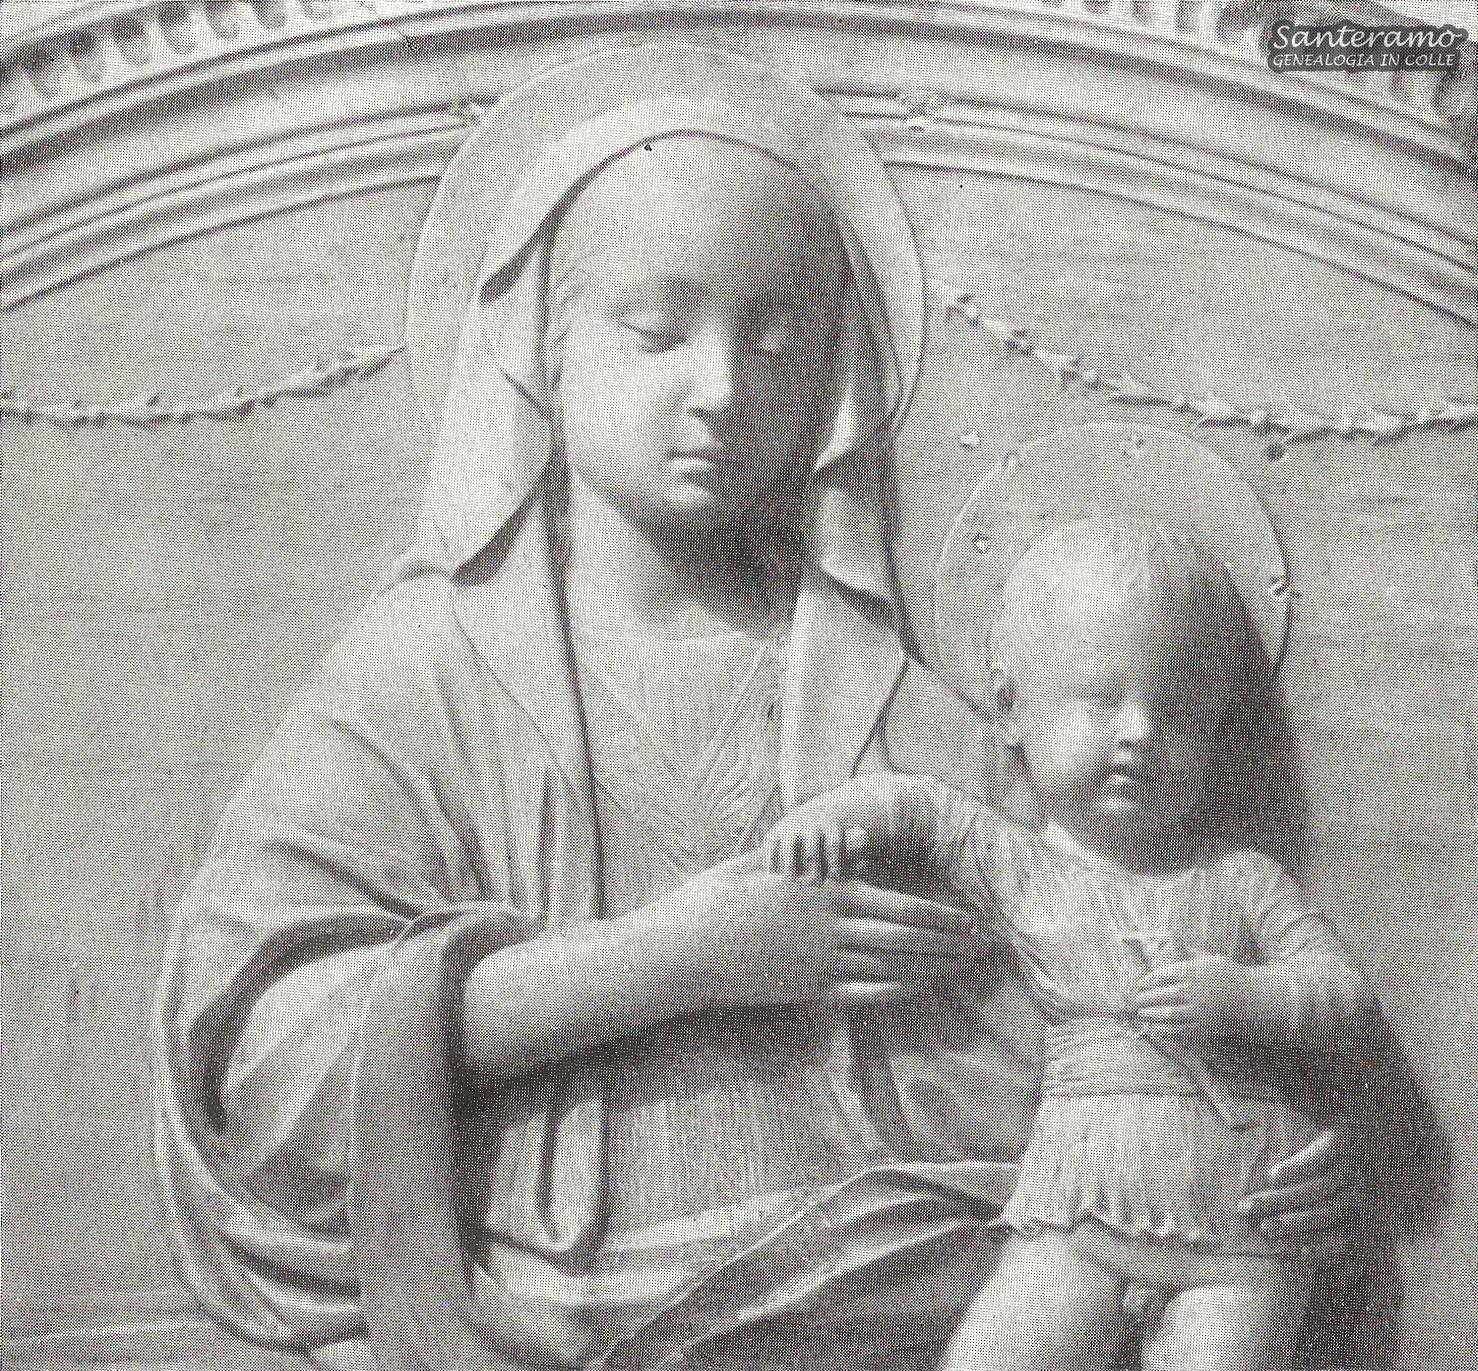 La Madonna col Bambino nella guida del Touring Club